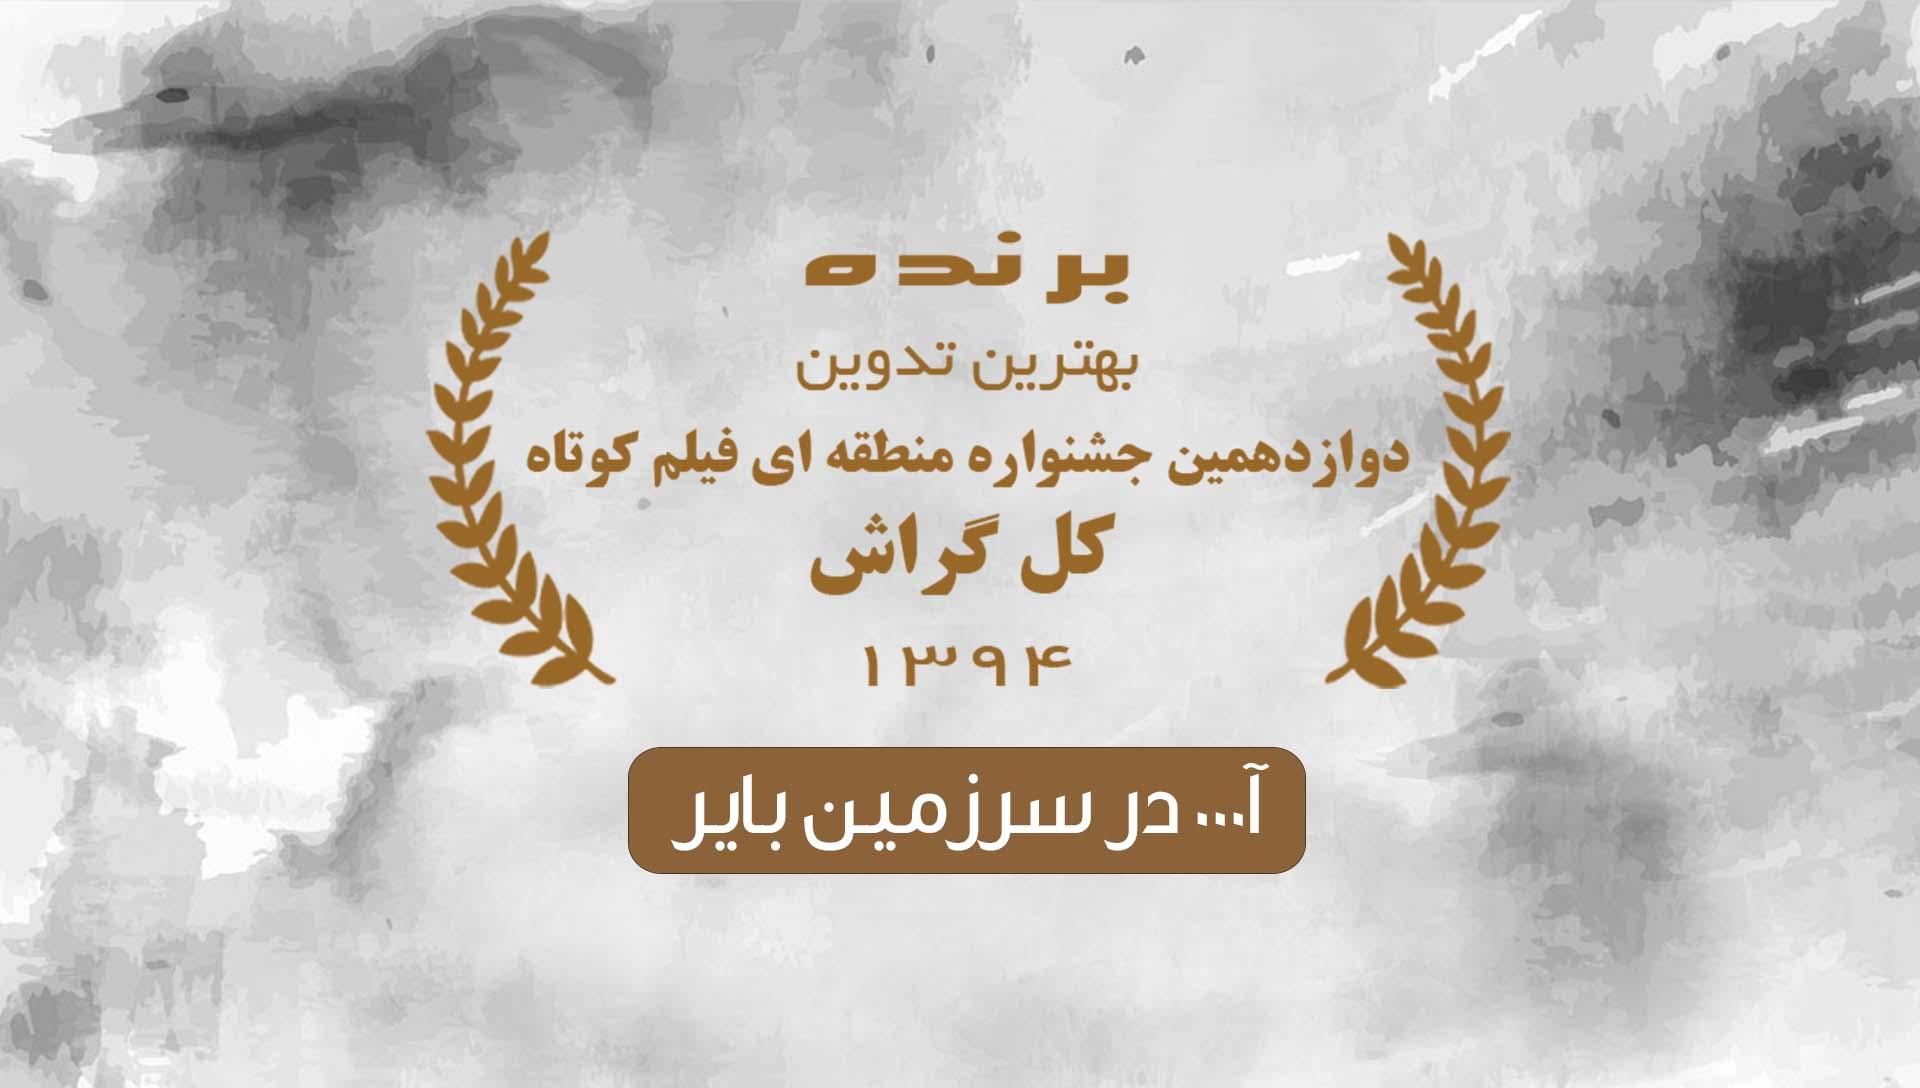 کل گراش 94- شرکت فیلم سازی زوم شیراز برادران شریفی